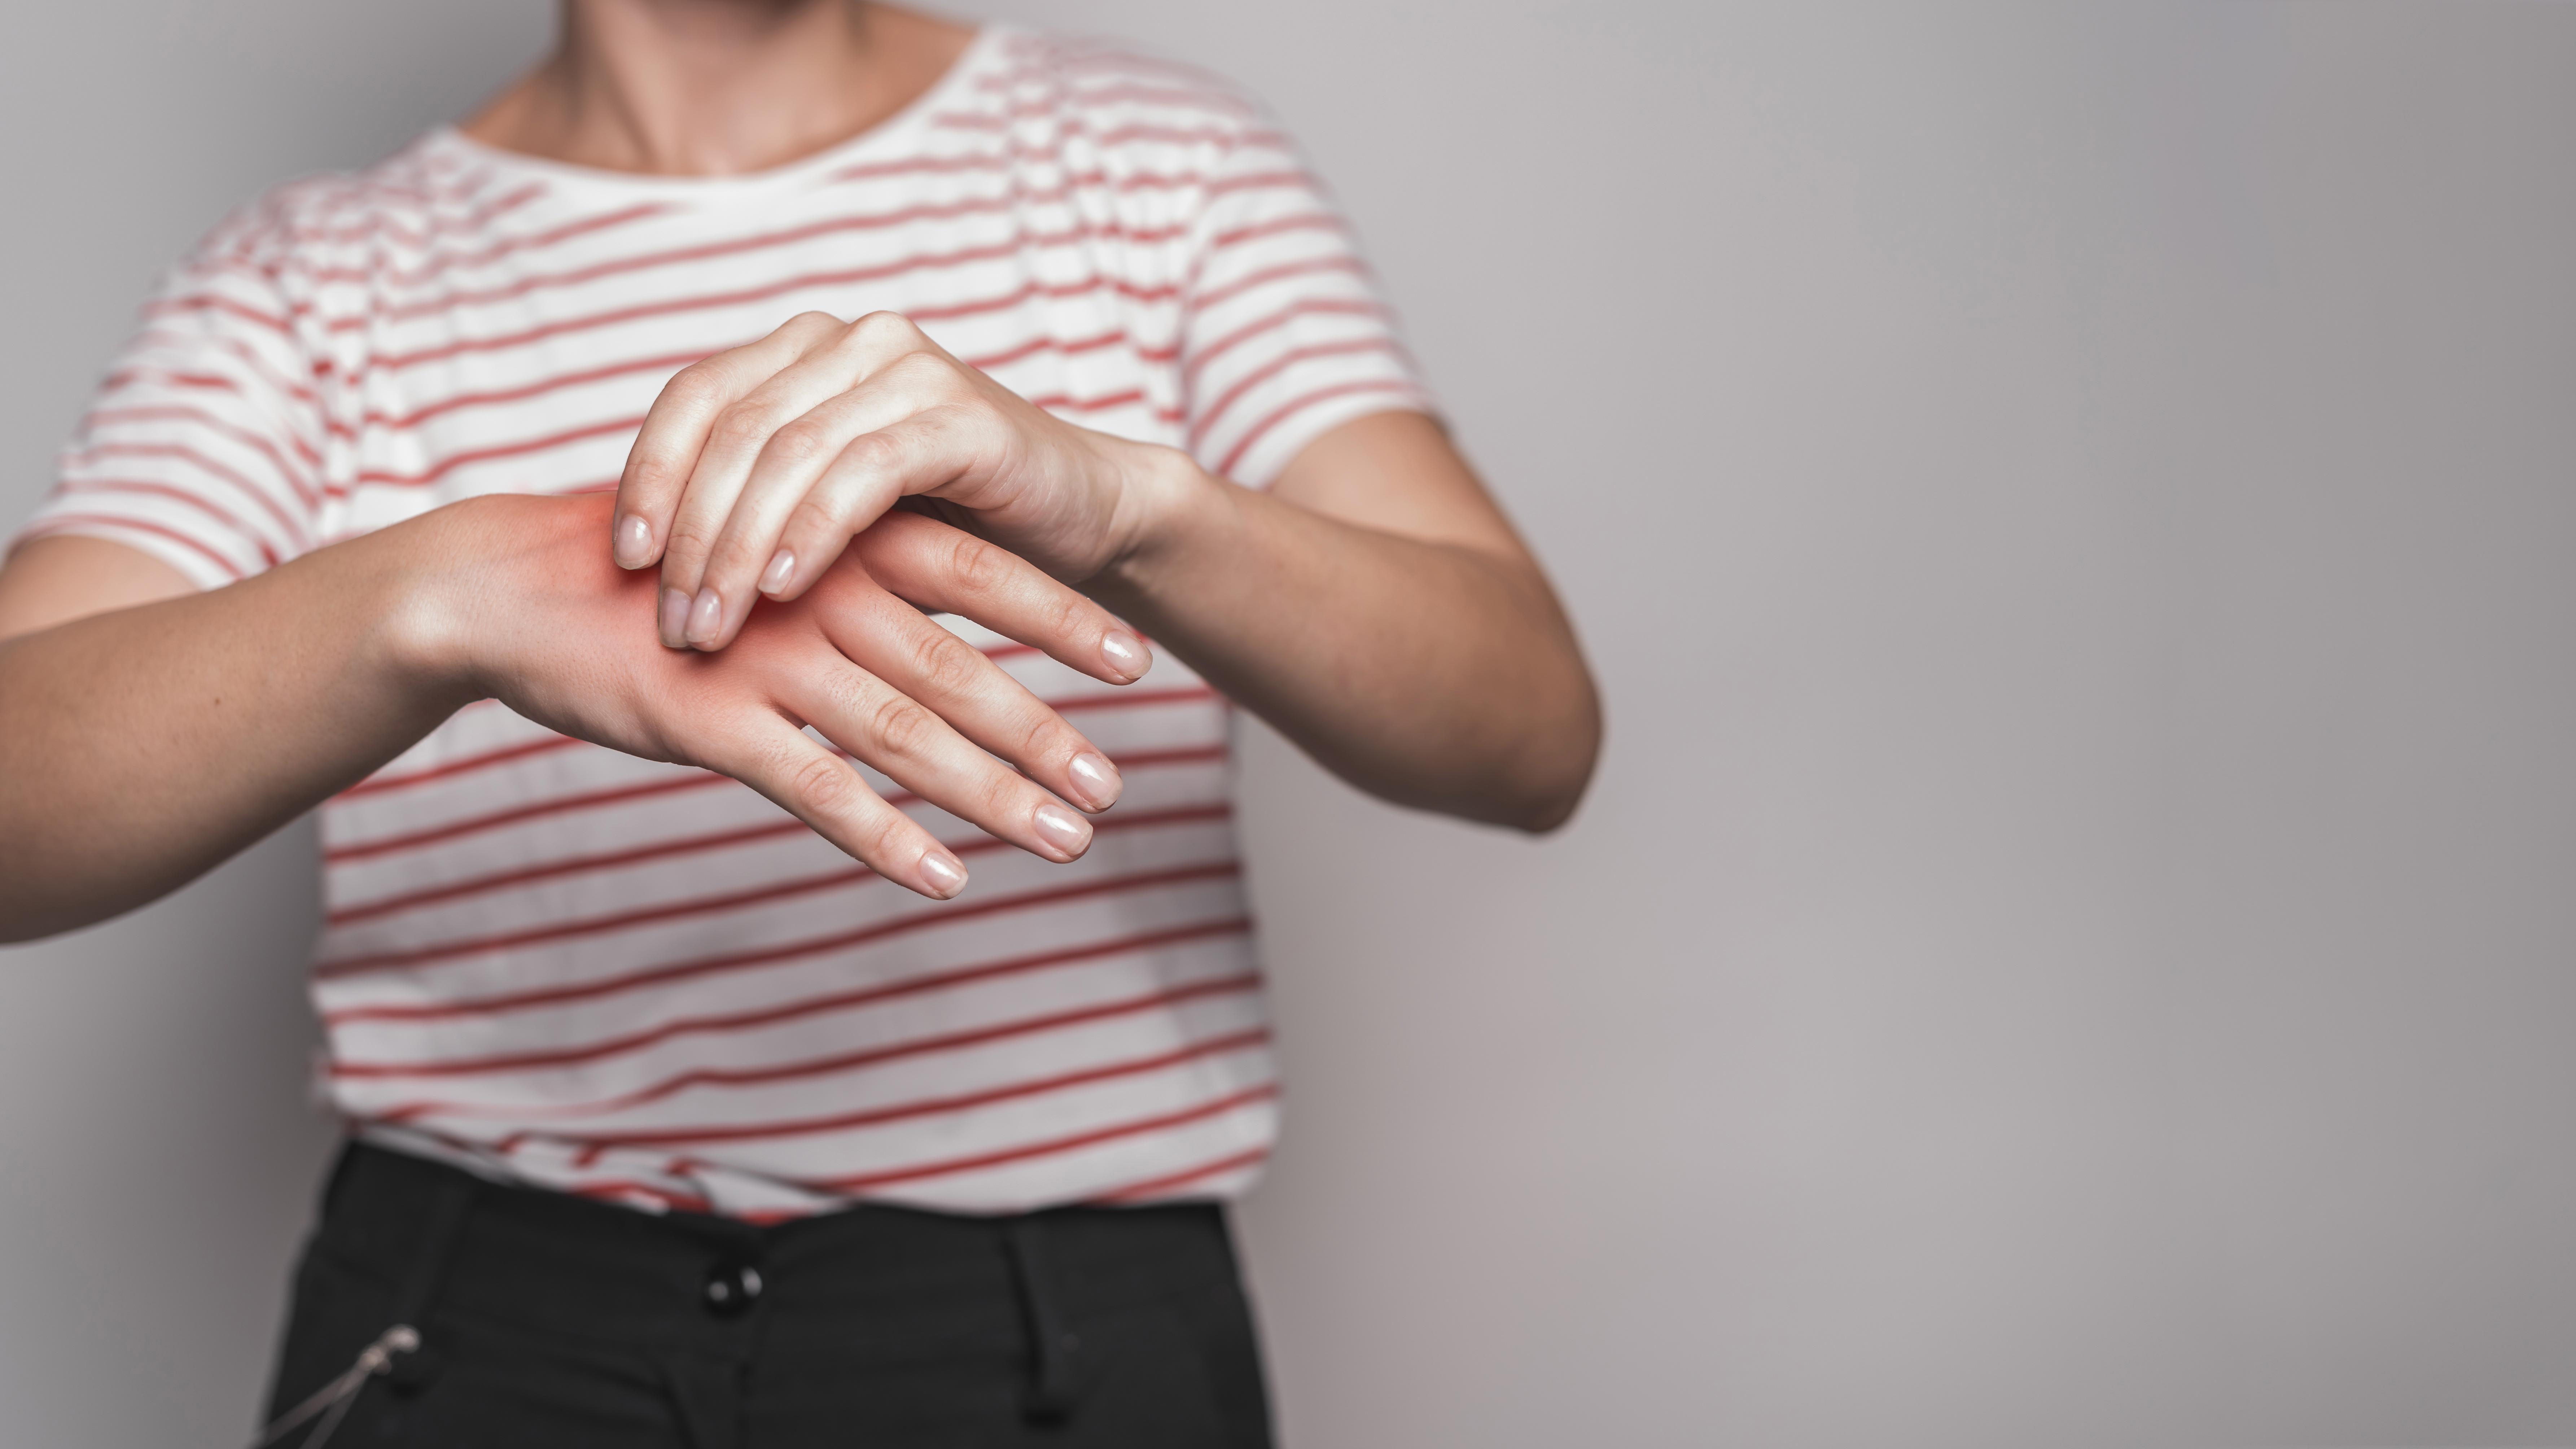 Ejercicios para mejorar la movilidad, flexibilidad y fuerza de sus manos.